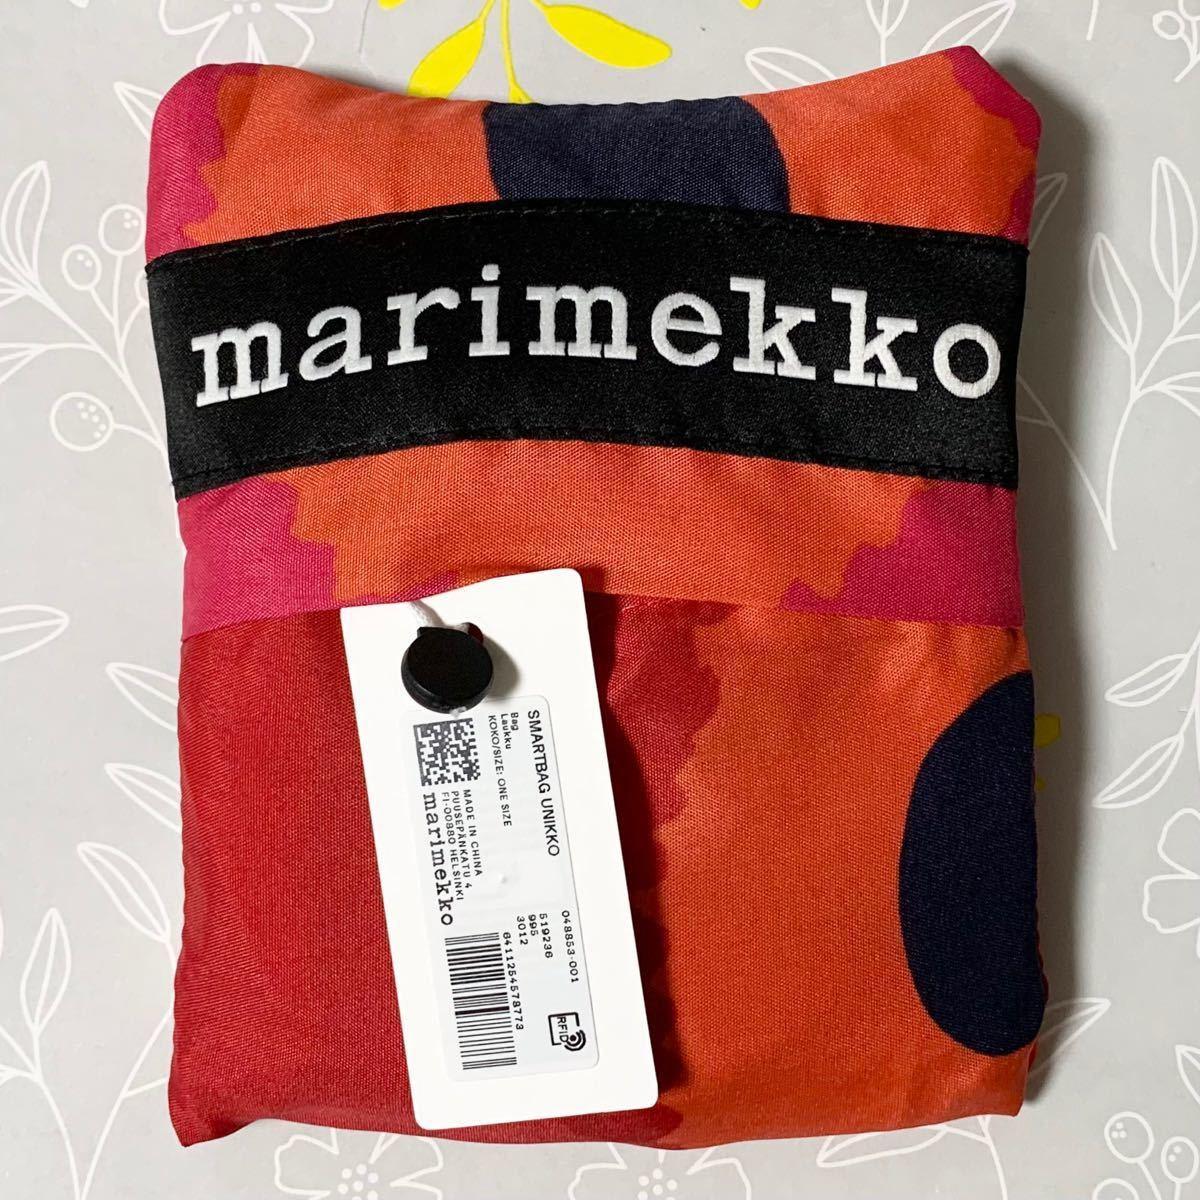 マリメッコ エコバッグ トートバッグ ウニッコ スマートバッグ